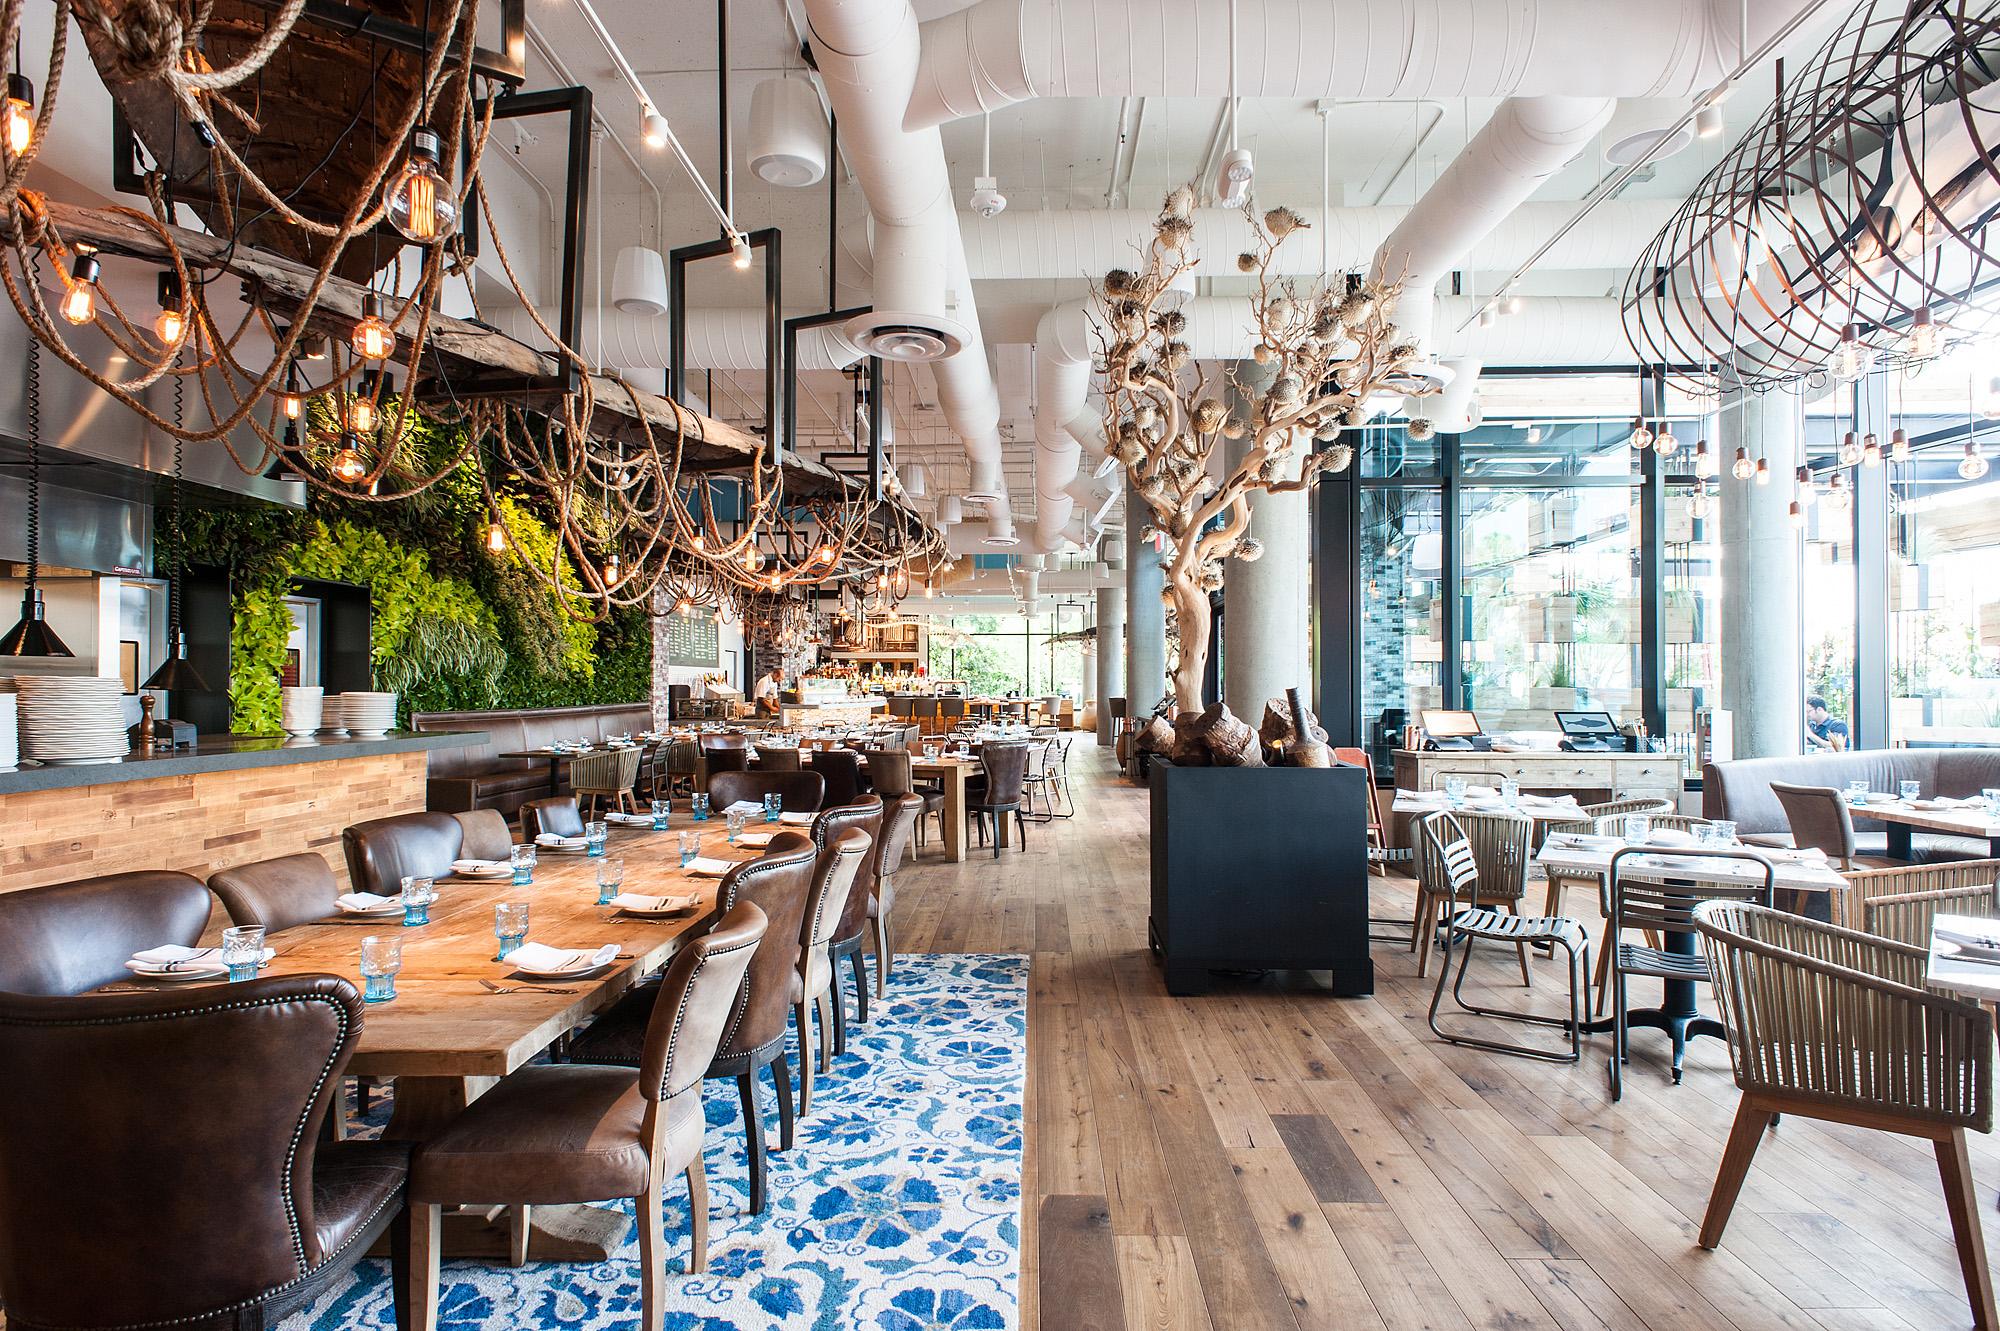 Italian Restaurants On Hollywood Beach